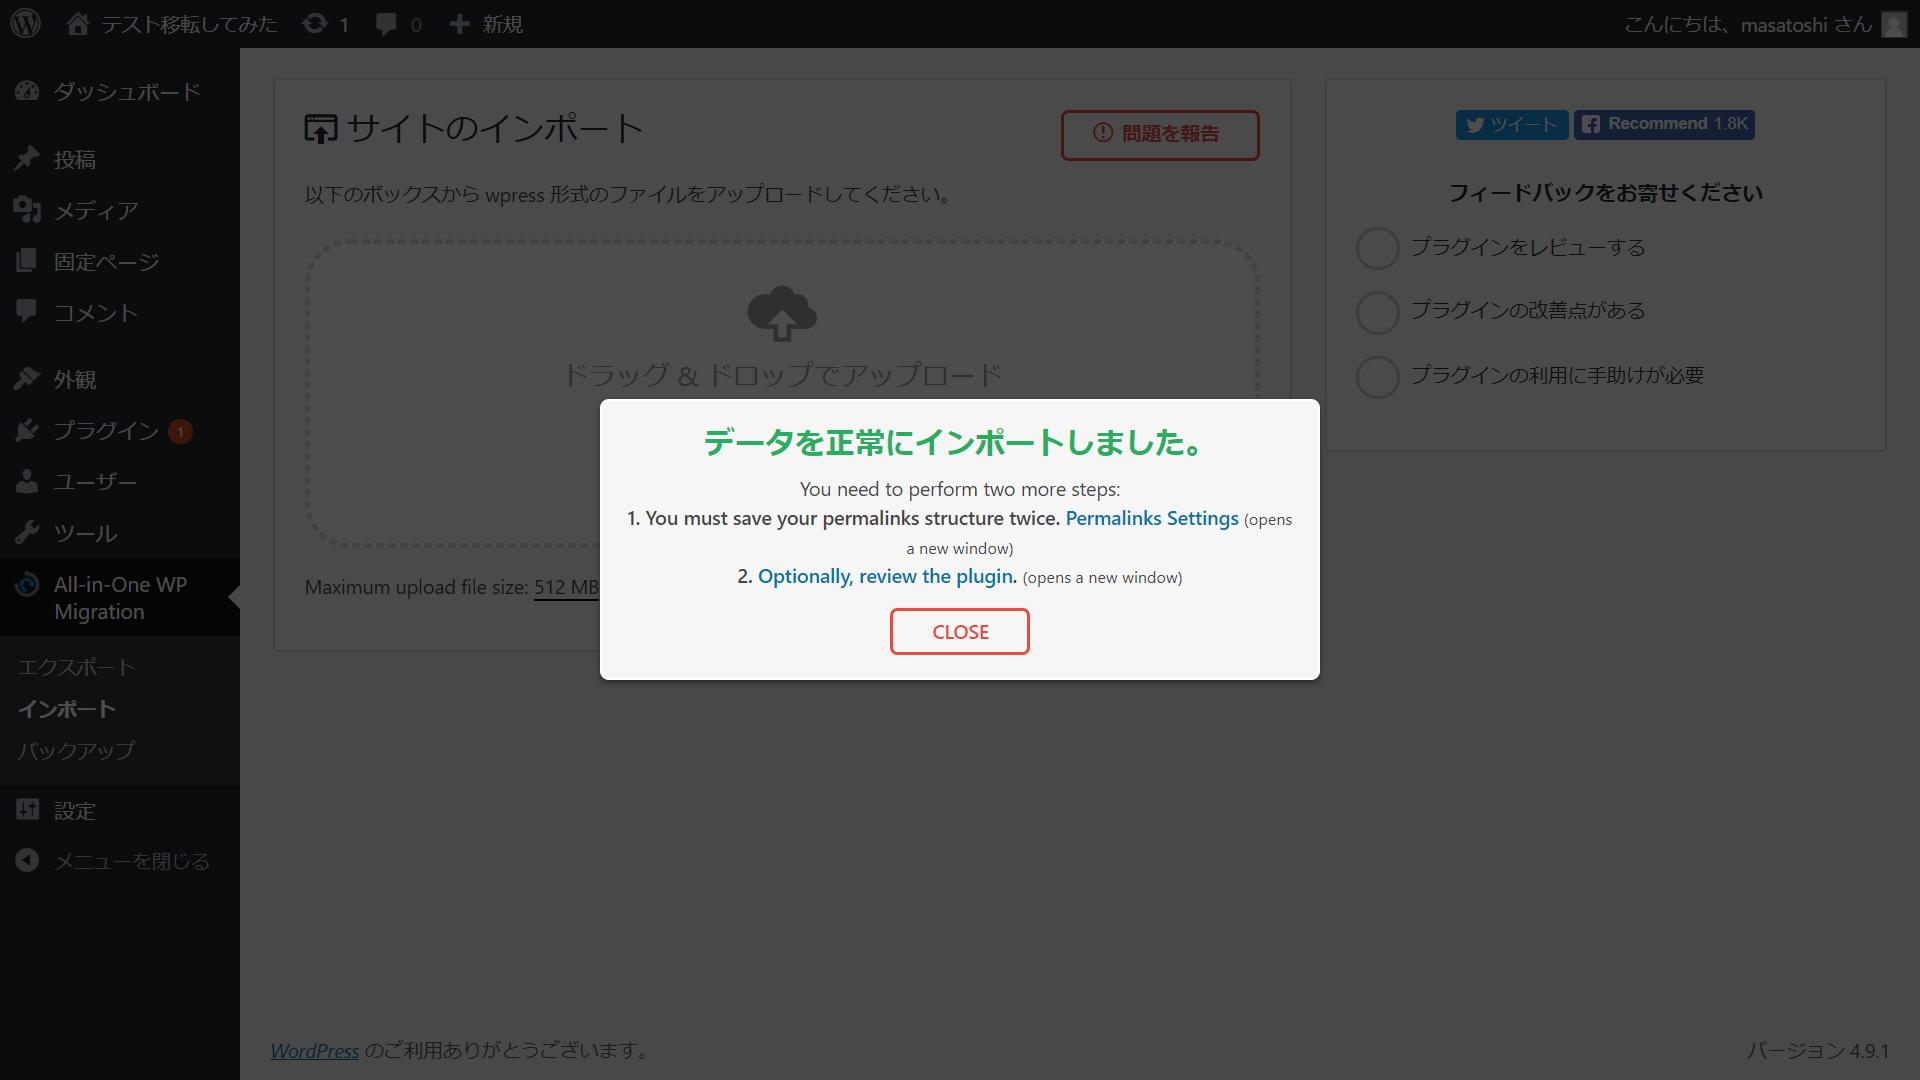 サーバー移転が5分で終わる!WordPressプラグイン「All-in-One WP Migration」が超便利で感謝しかない